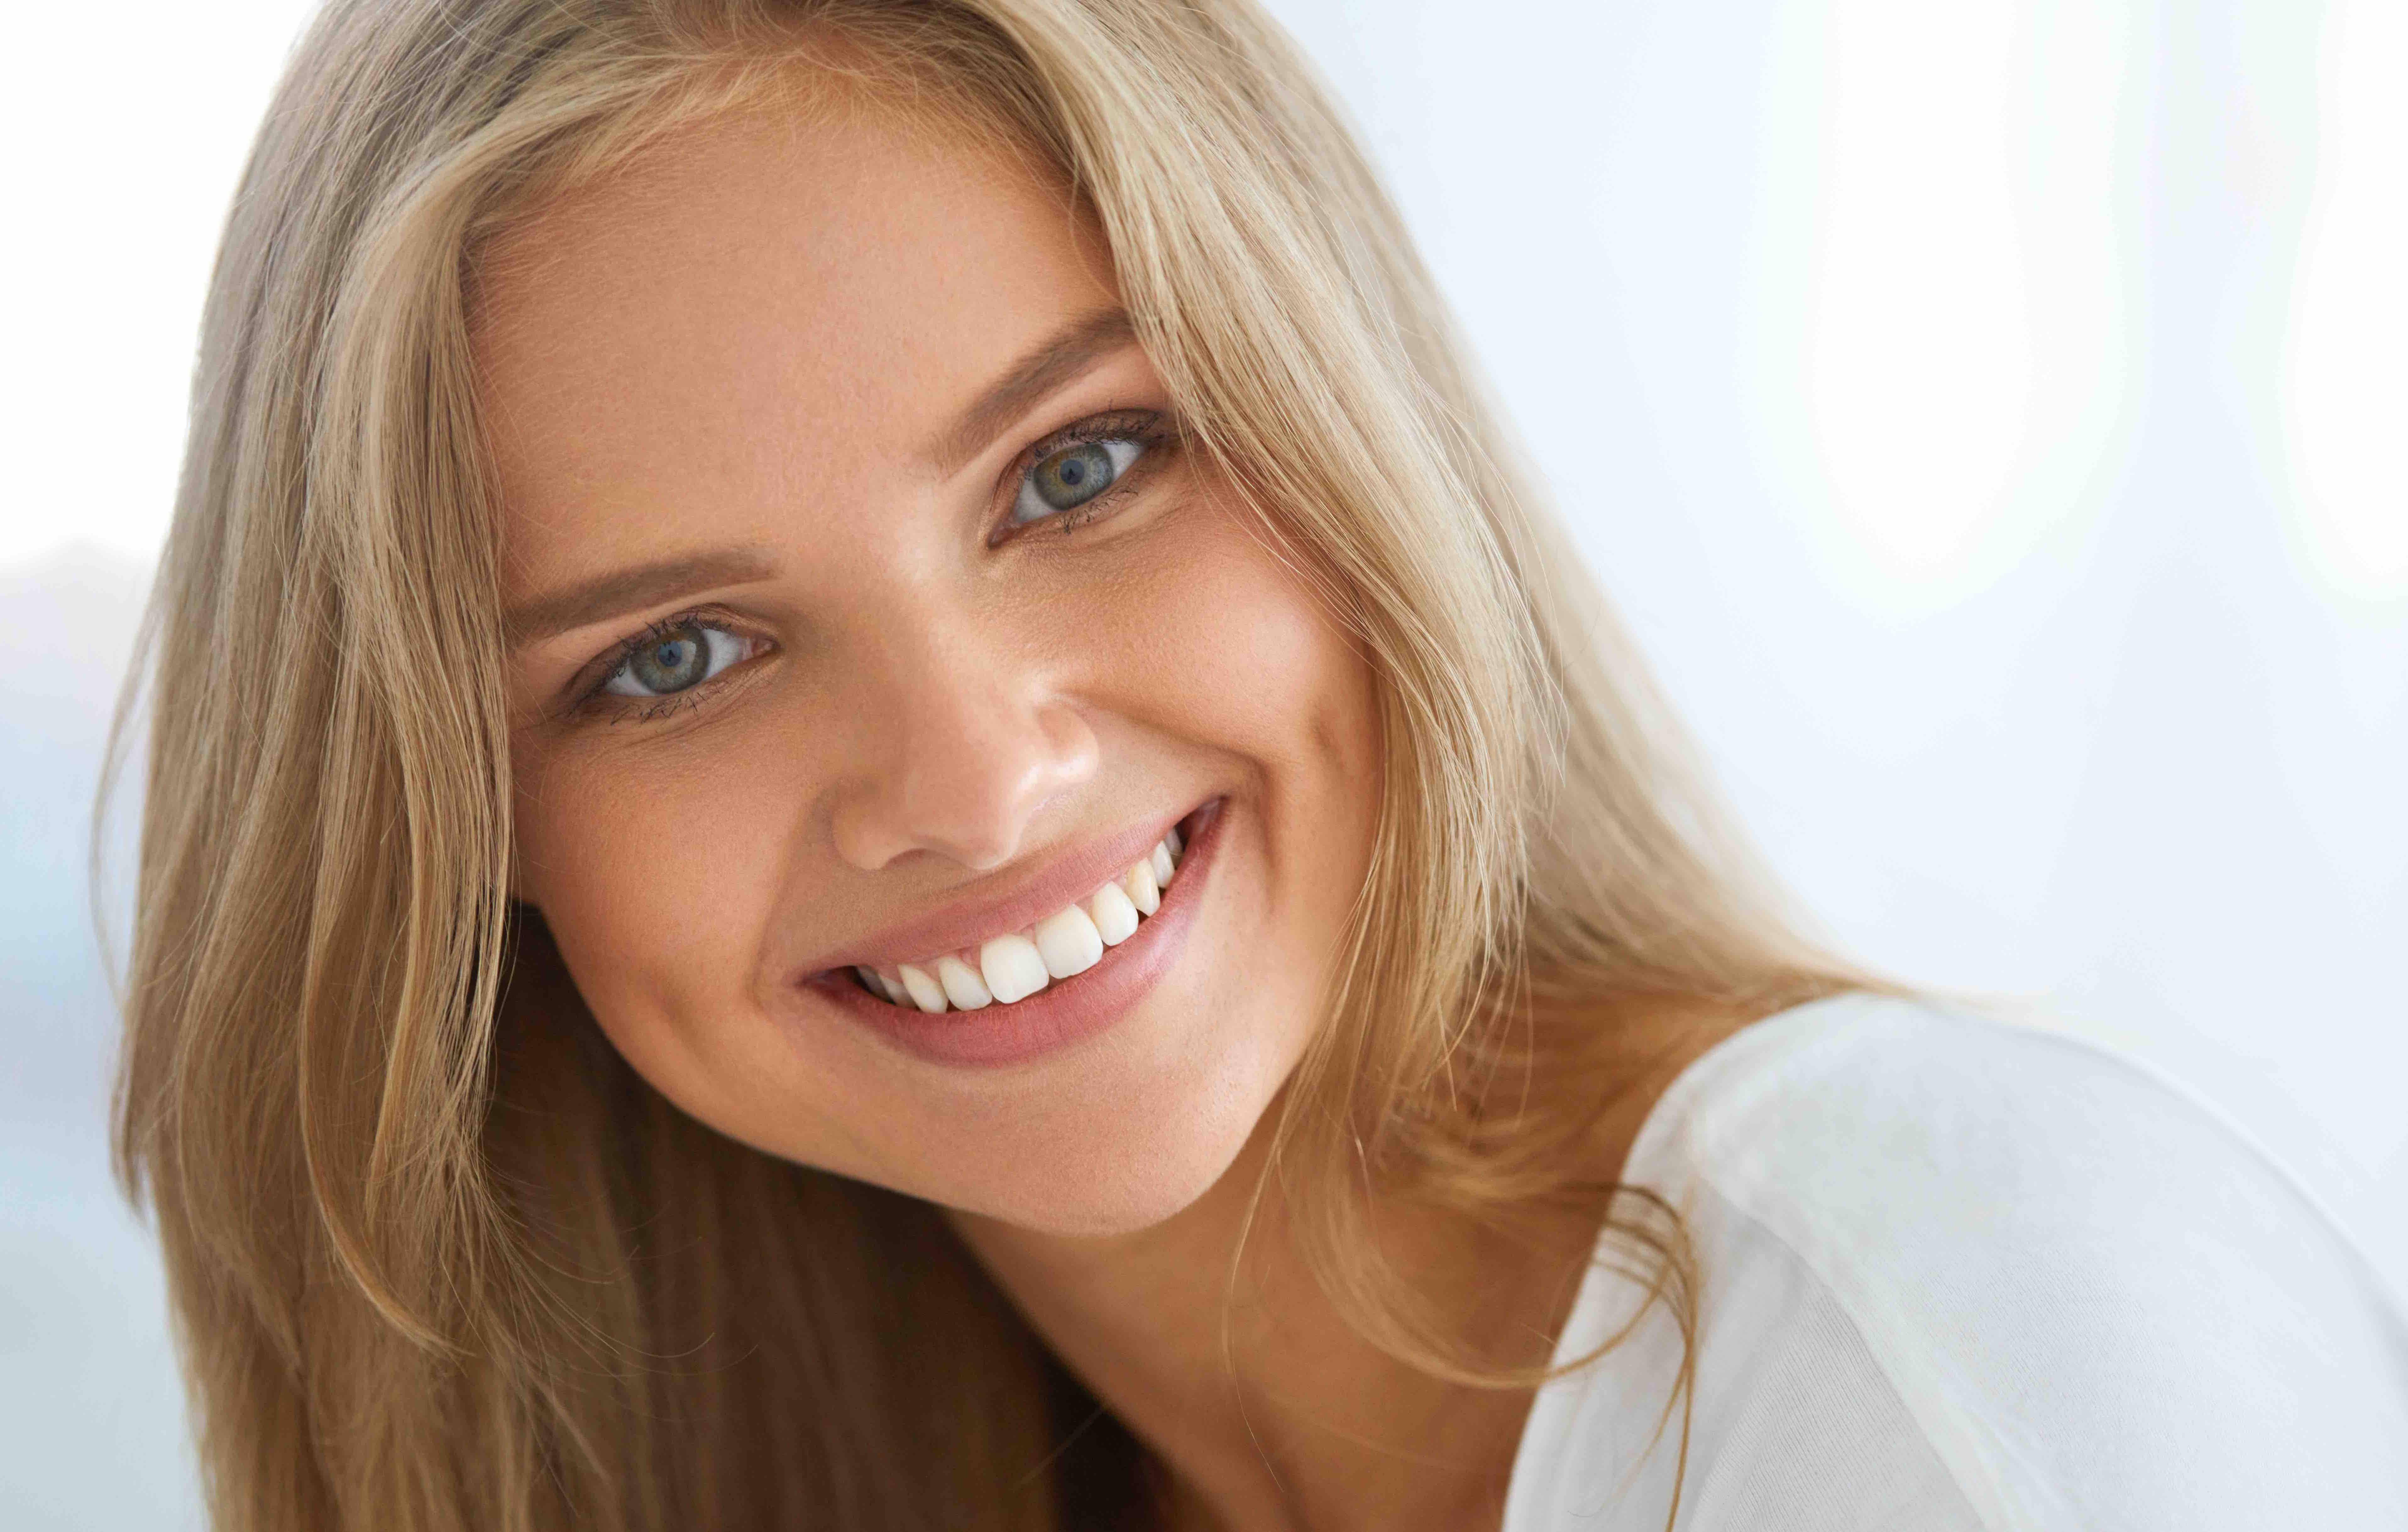 セラミッククラウンで綺麗な差し歯を作る時に行うべき5つのこと